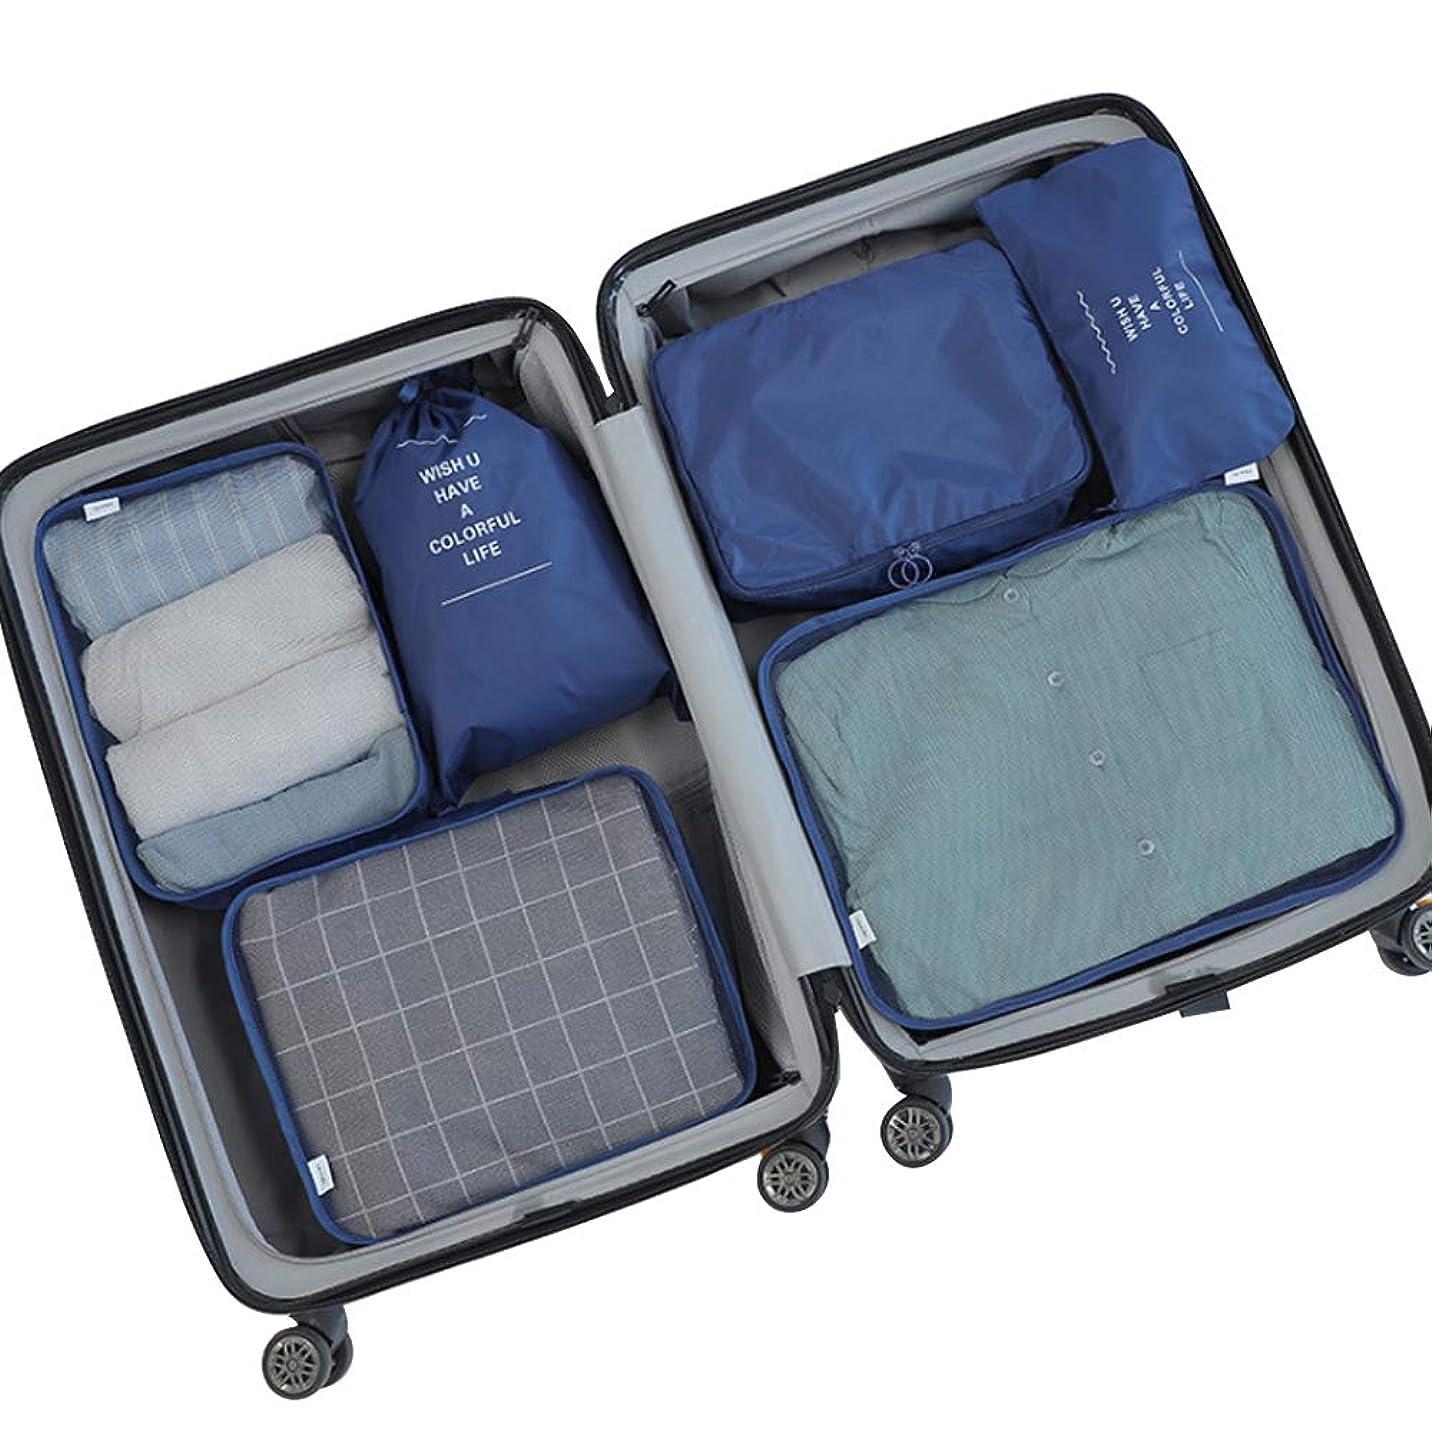 ハグかごパックトラベルポーチ 6点セット 収納ポーチ 旅行用 衣類 バッグ ケース 化粧ポーチ メンズ 大容量 防水